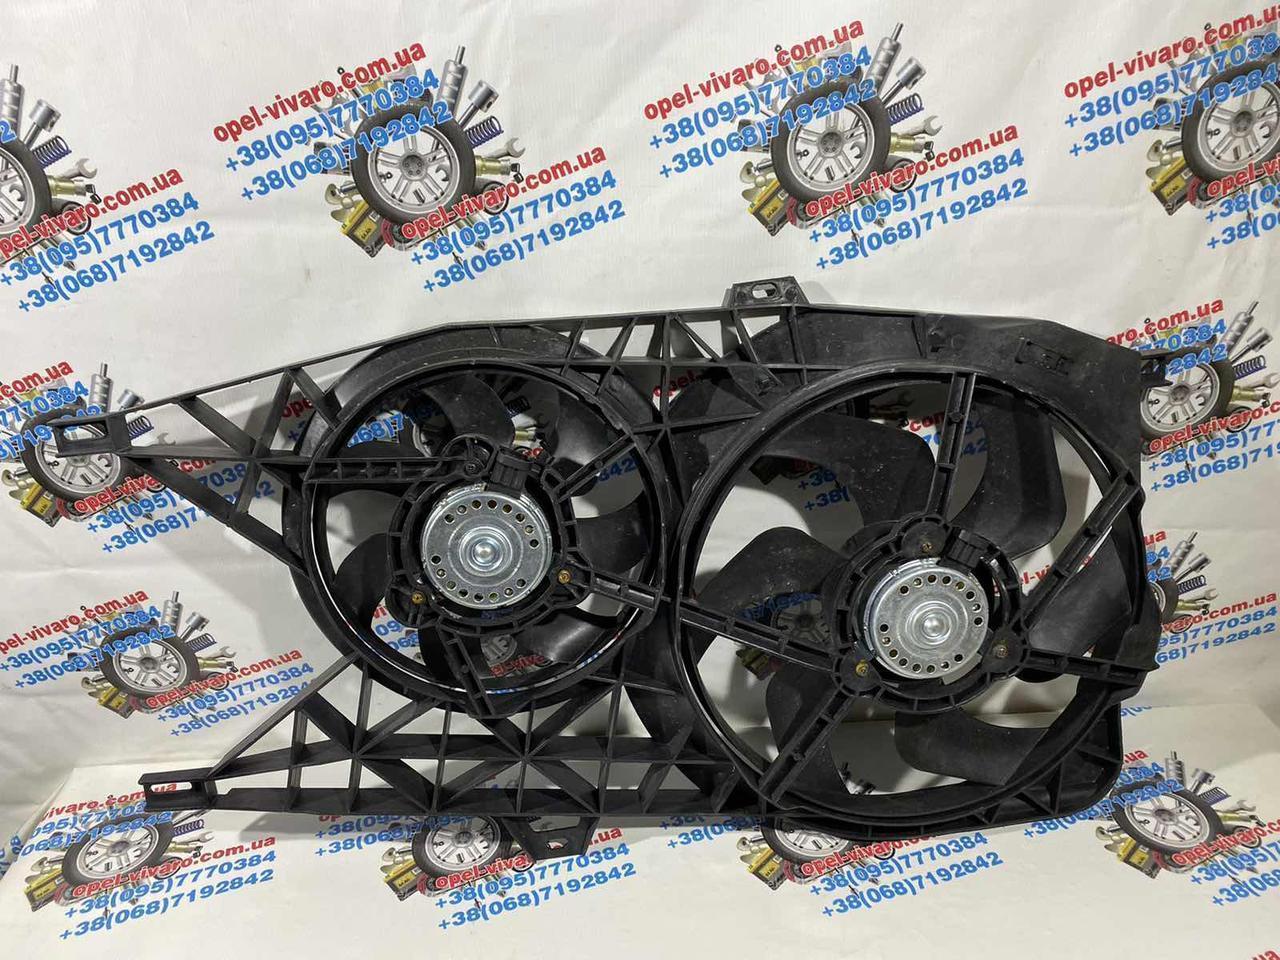 Вентилятор осн радіатора 2 піна 6 лопатей D385 / D280 7 лопатей 2.5 dci Ніссан Примастар новий 2000-2014р